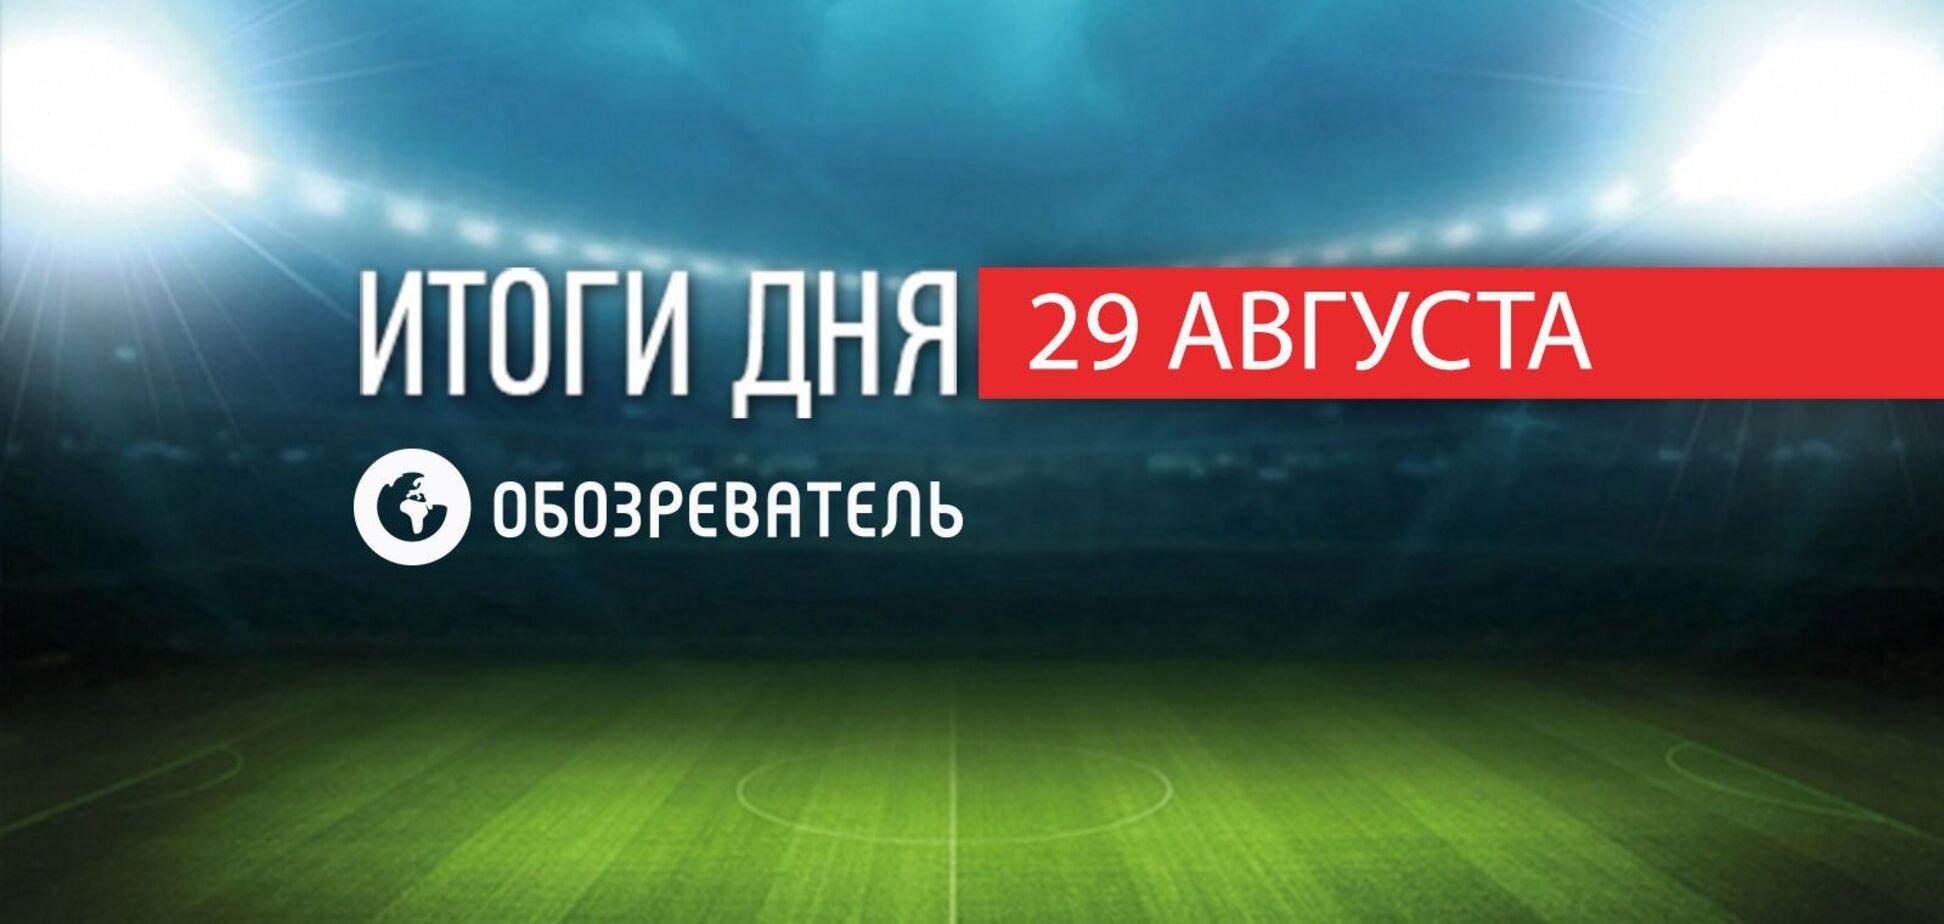 'Динамо' продает 'нового Шевченко': спортивные итоги 29 августа